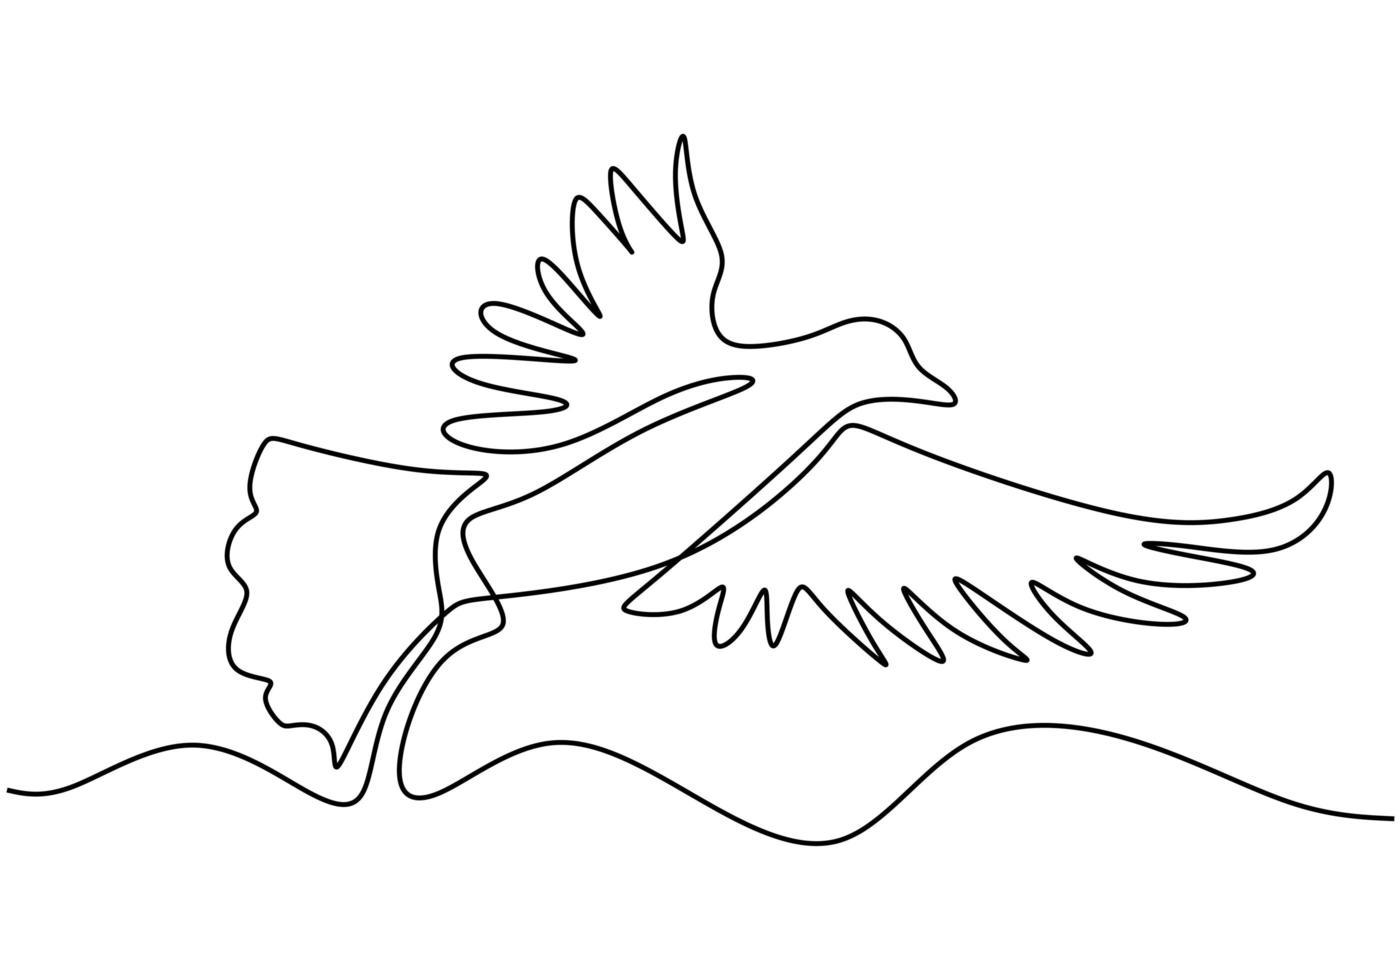 continu een lijntekening. vliegende duif dier. vector